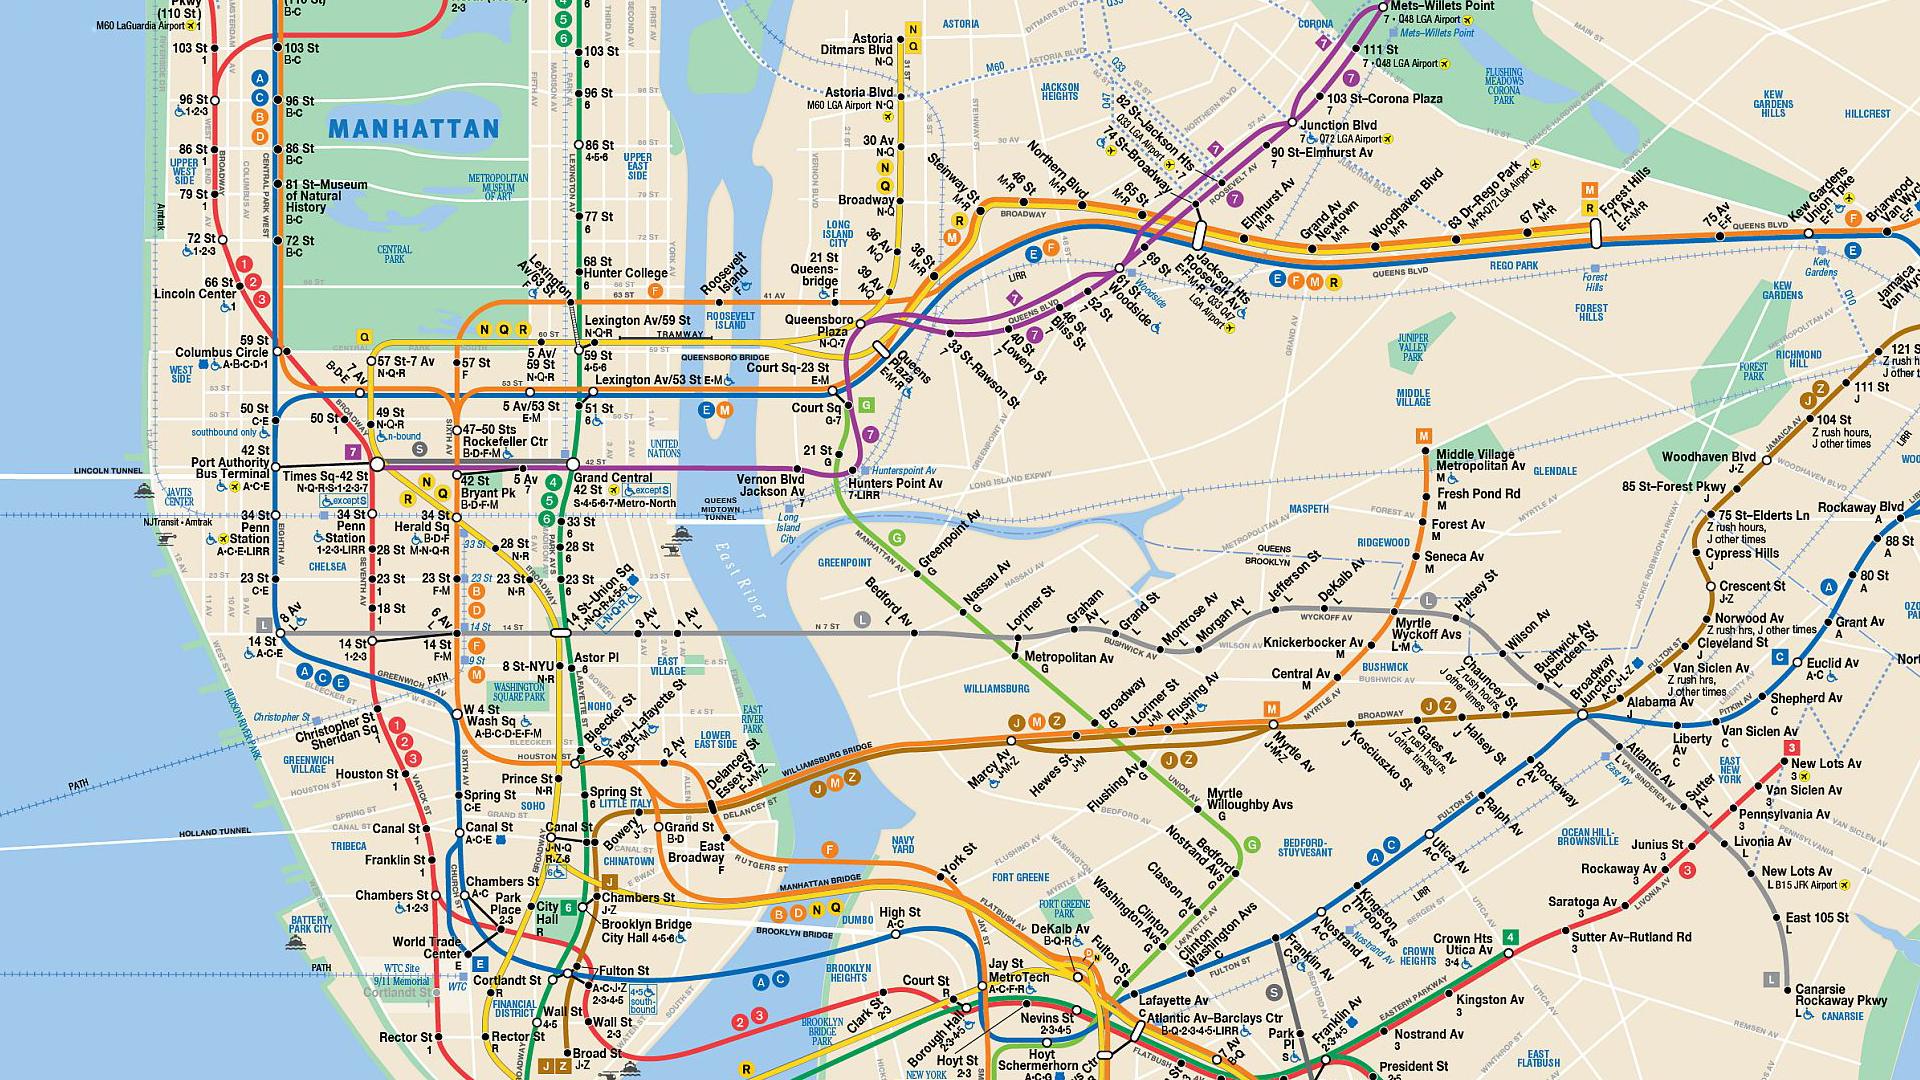 dicas-cidade-ny-new-nova-york-nyc-metro-locomocao-dicas-gerais-blog-viagem